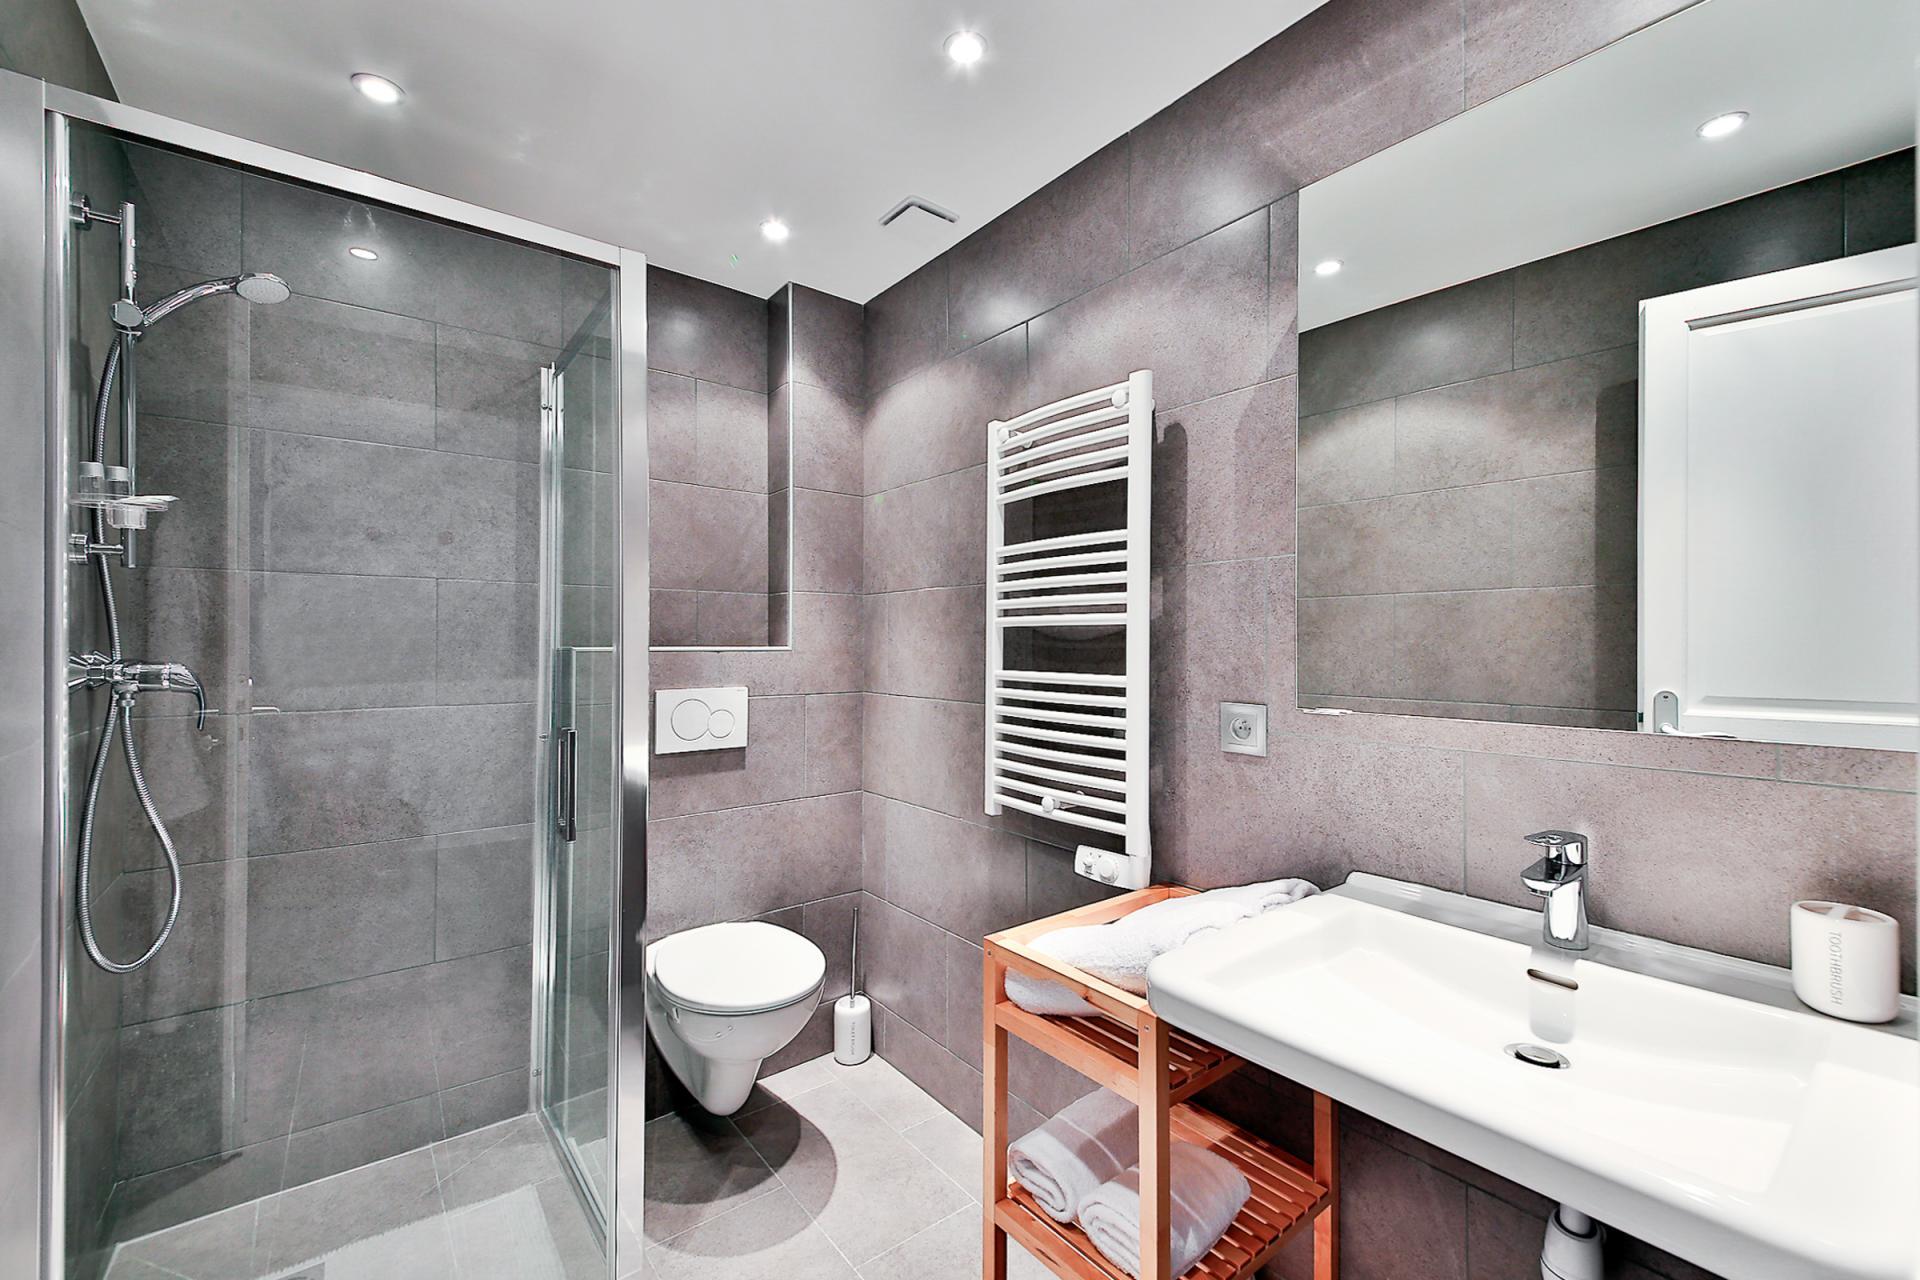 Bathroom at Saint Denis Apartment